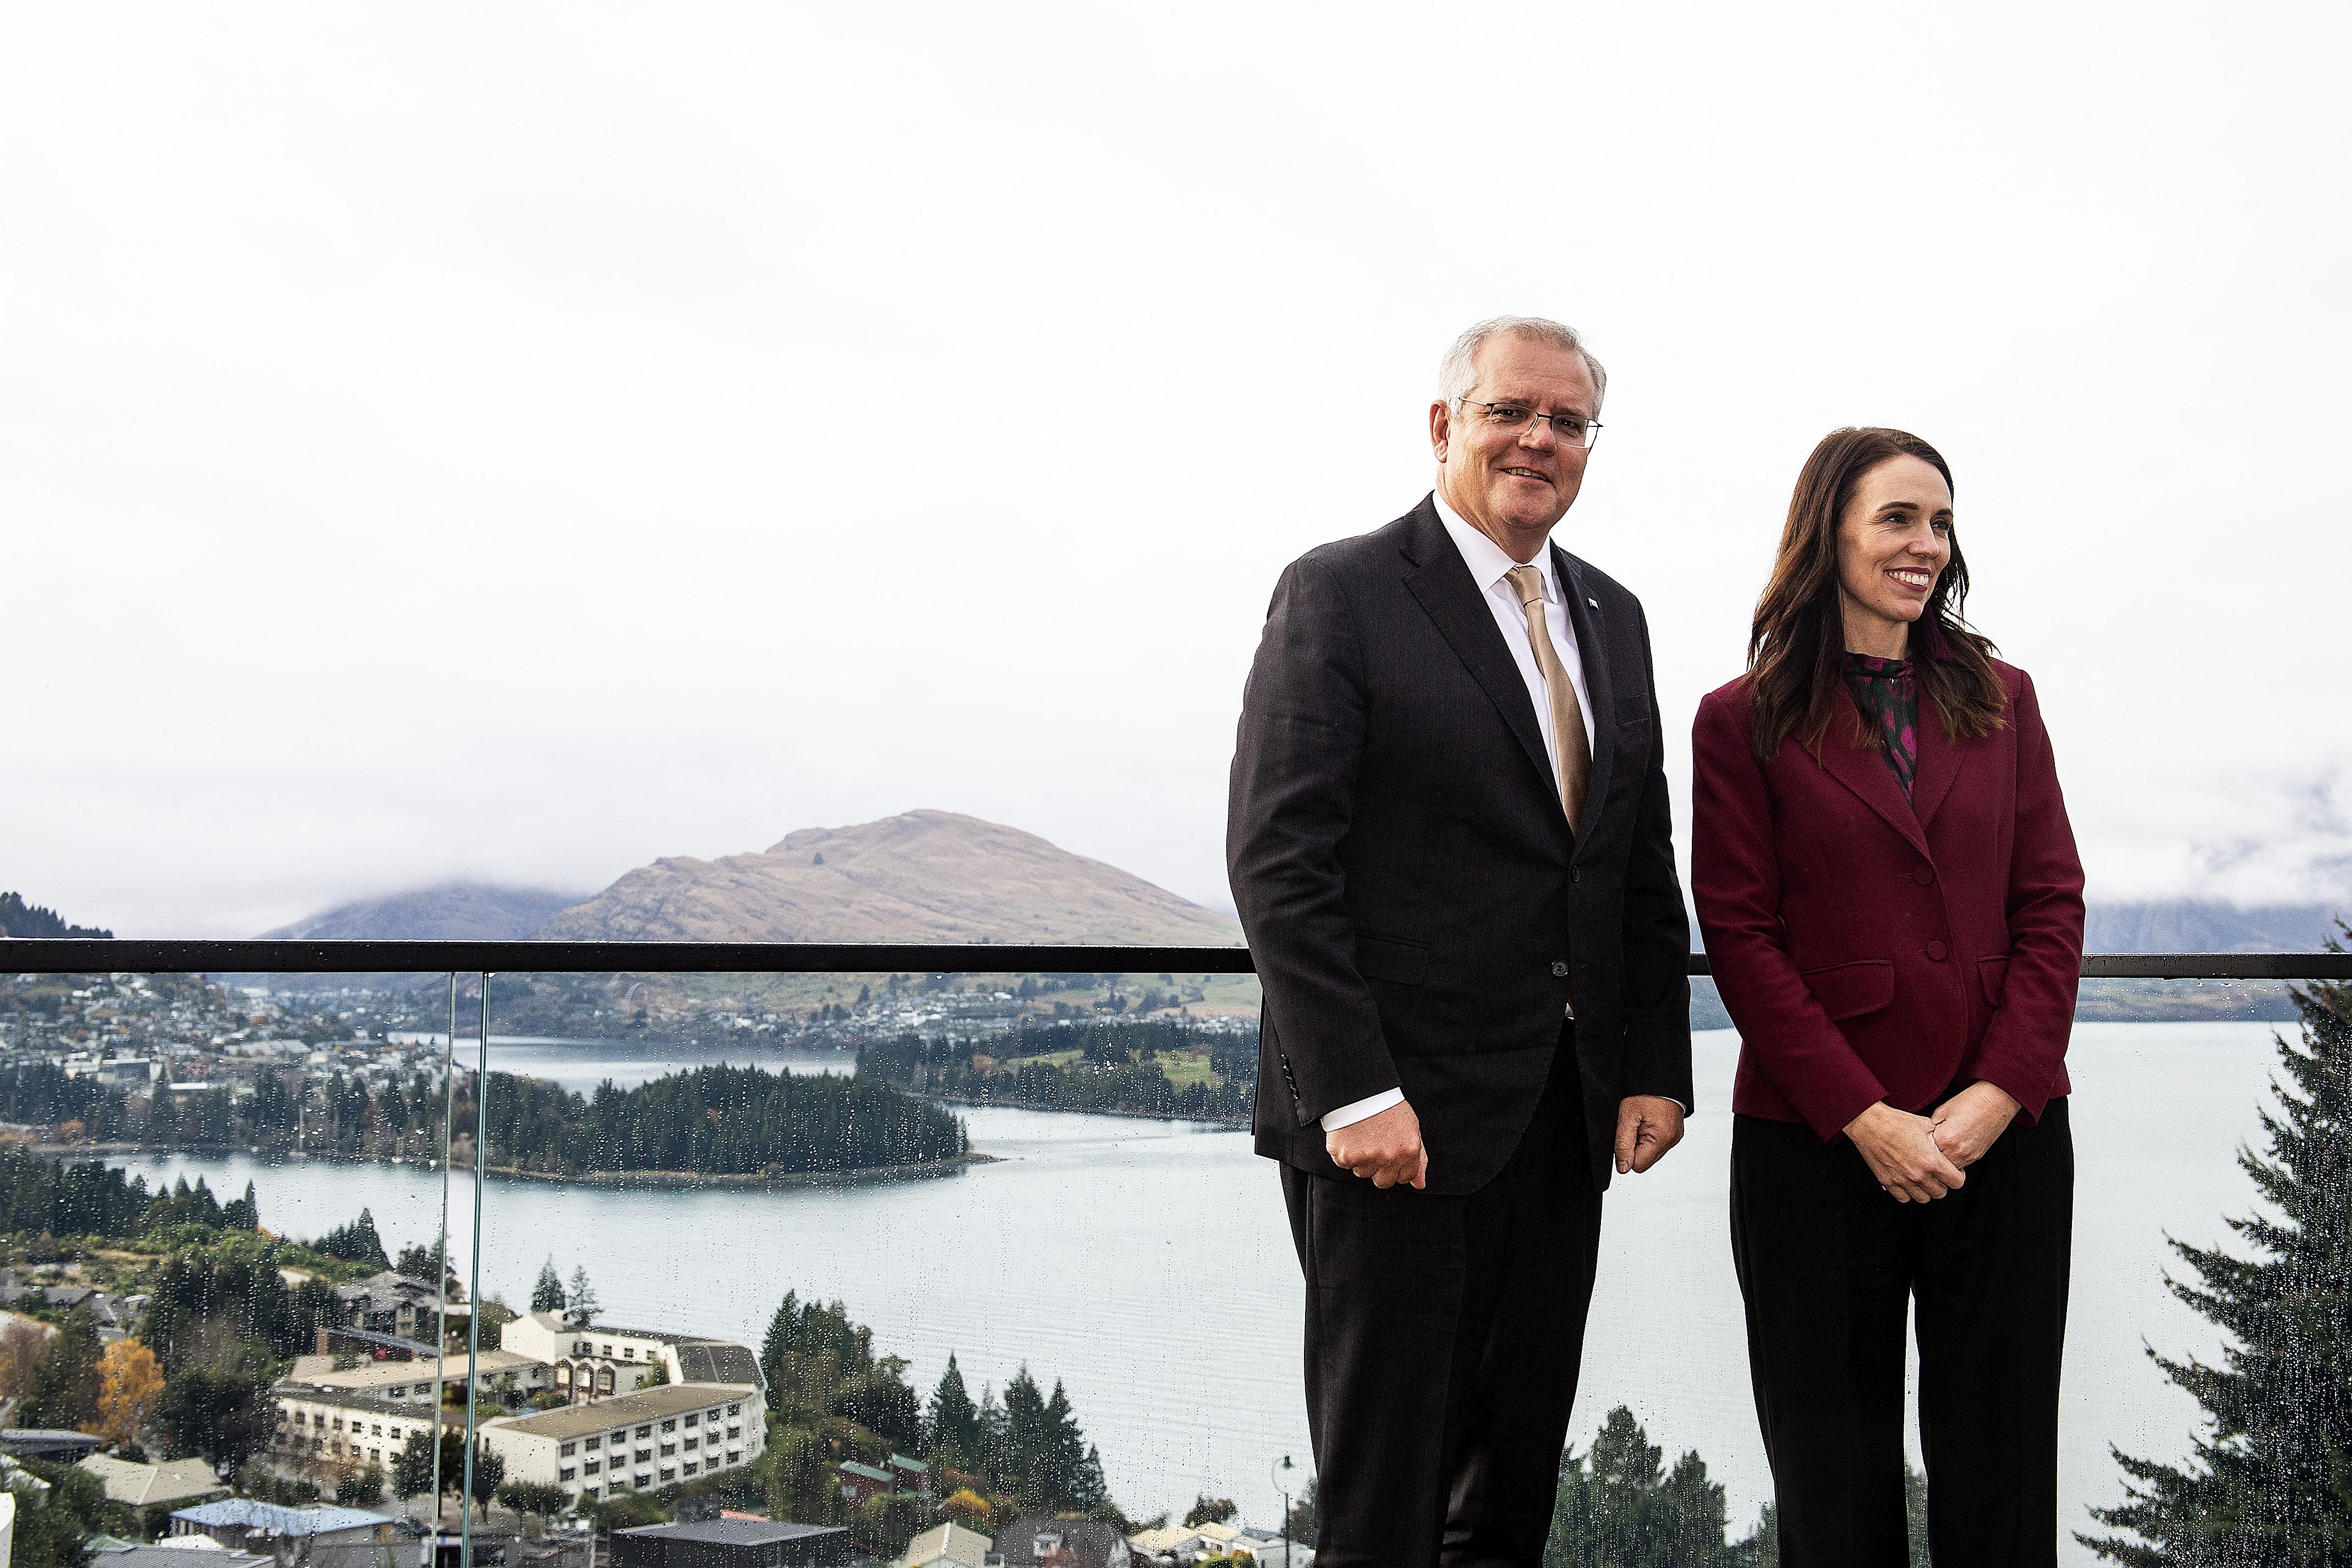 Peking élesen elítélte az ausztrál és az új-zélandi miniszterelnök közös nyilatkozatát